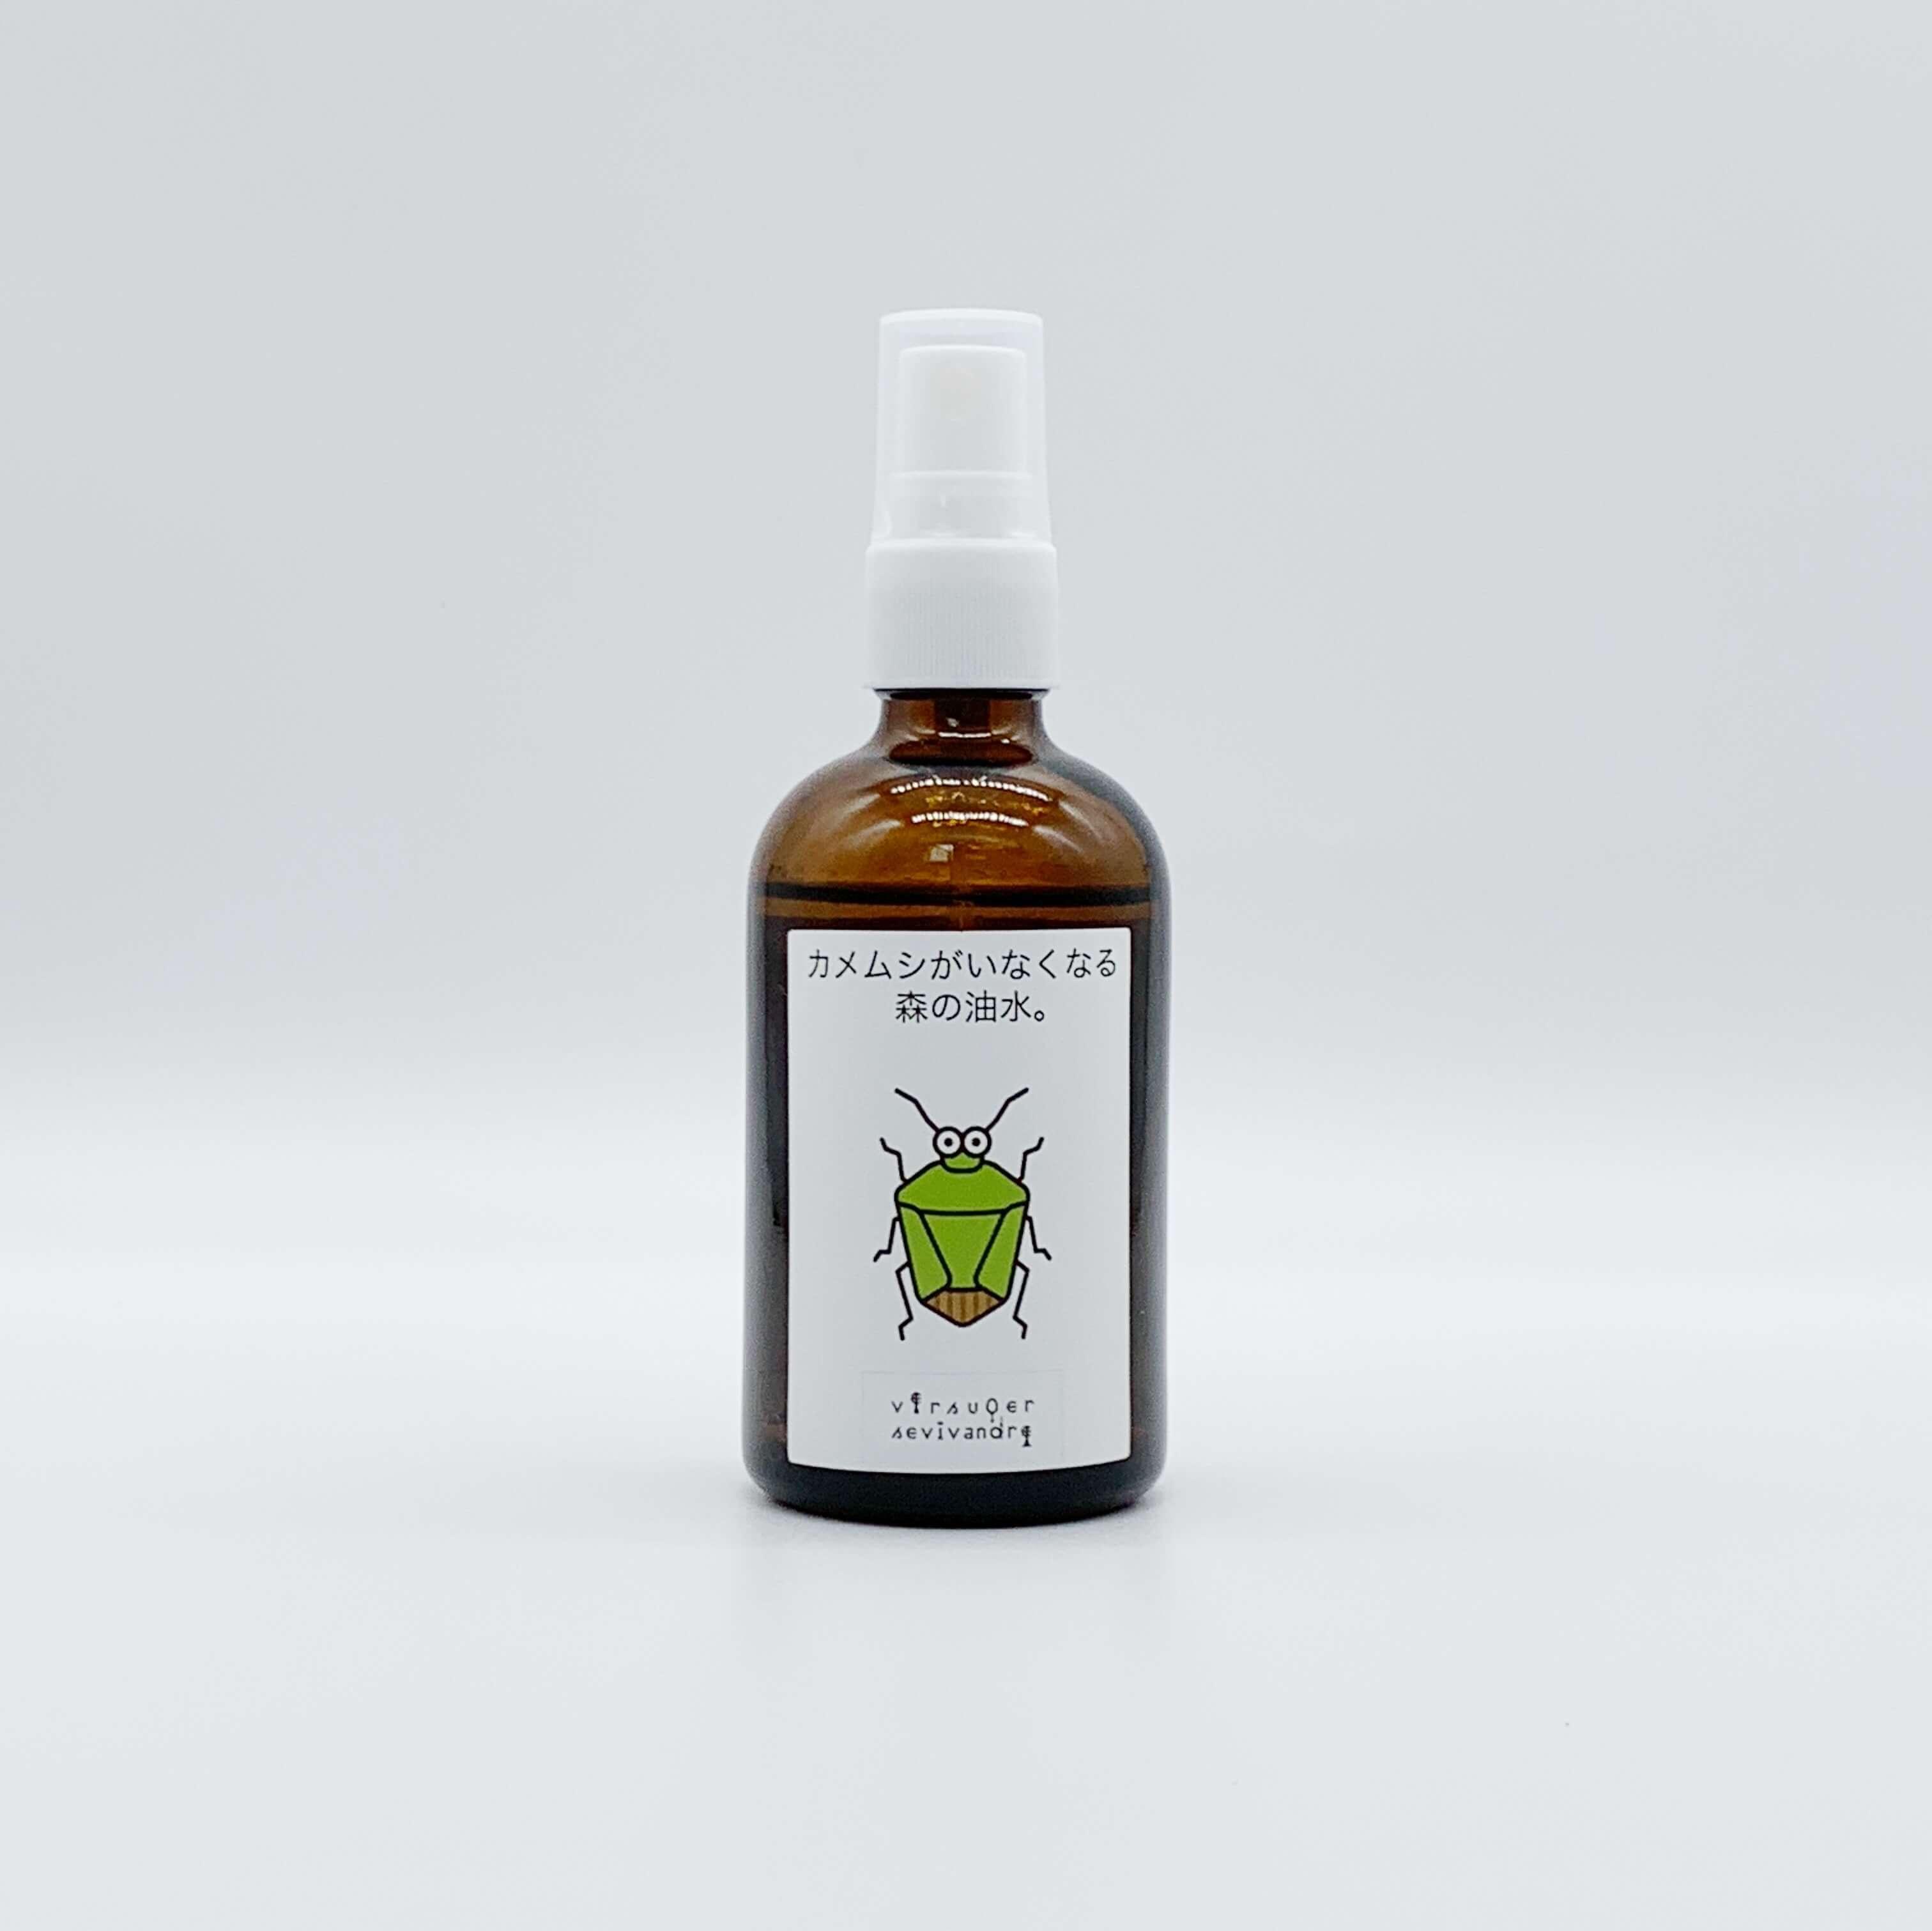 【カメムシがいなくなる森の油水】天然植物オイル100%、窓枠や網戸などにシュッと!